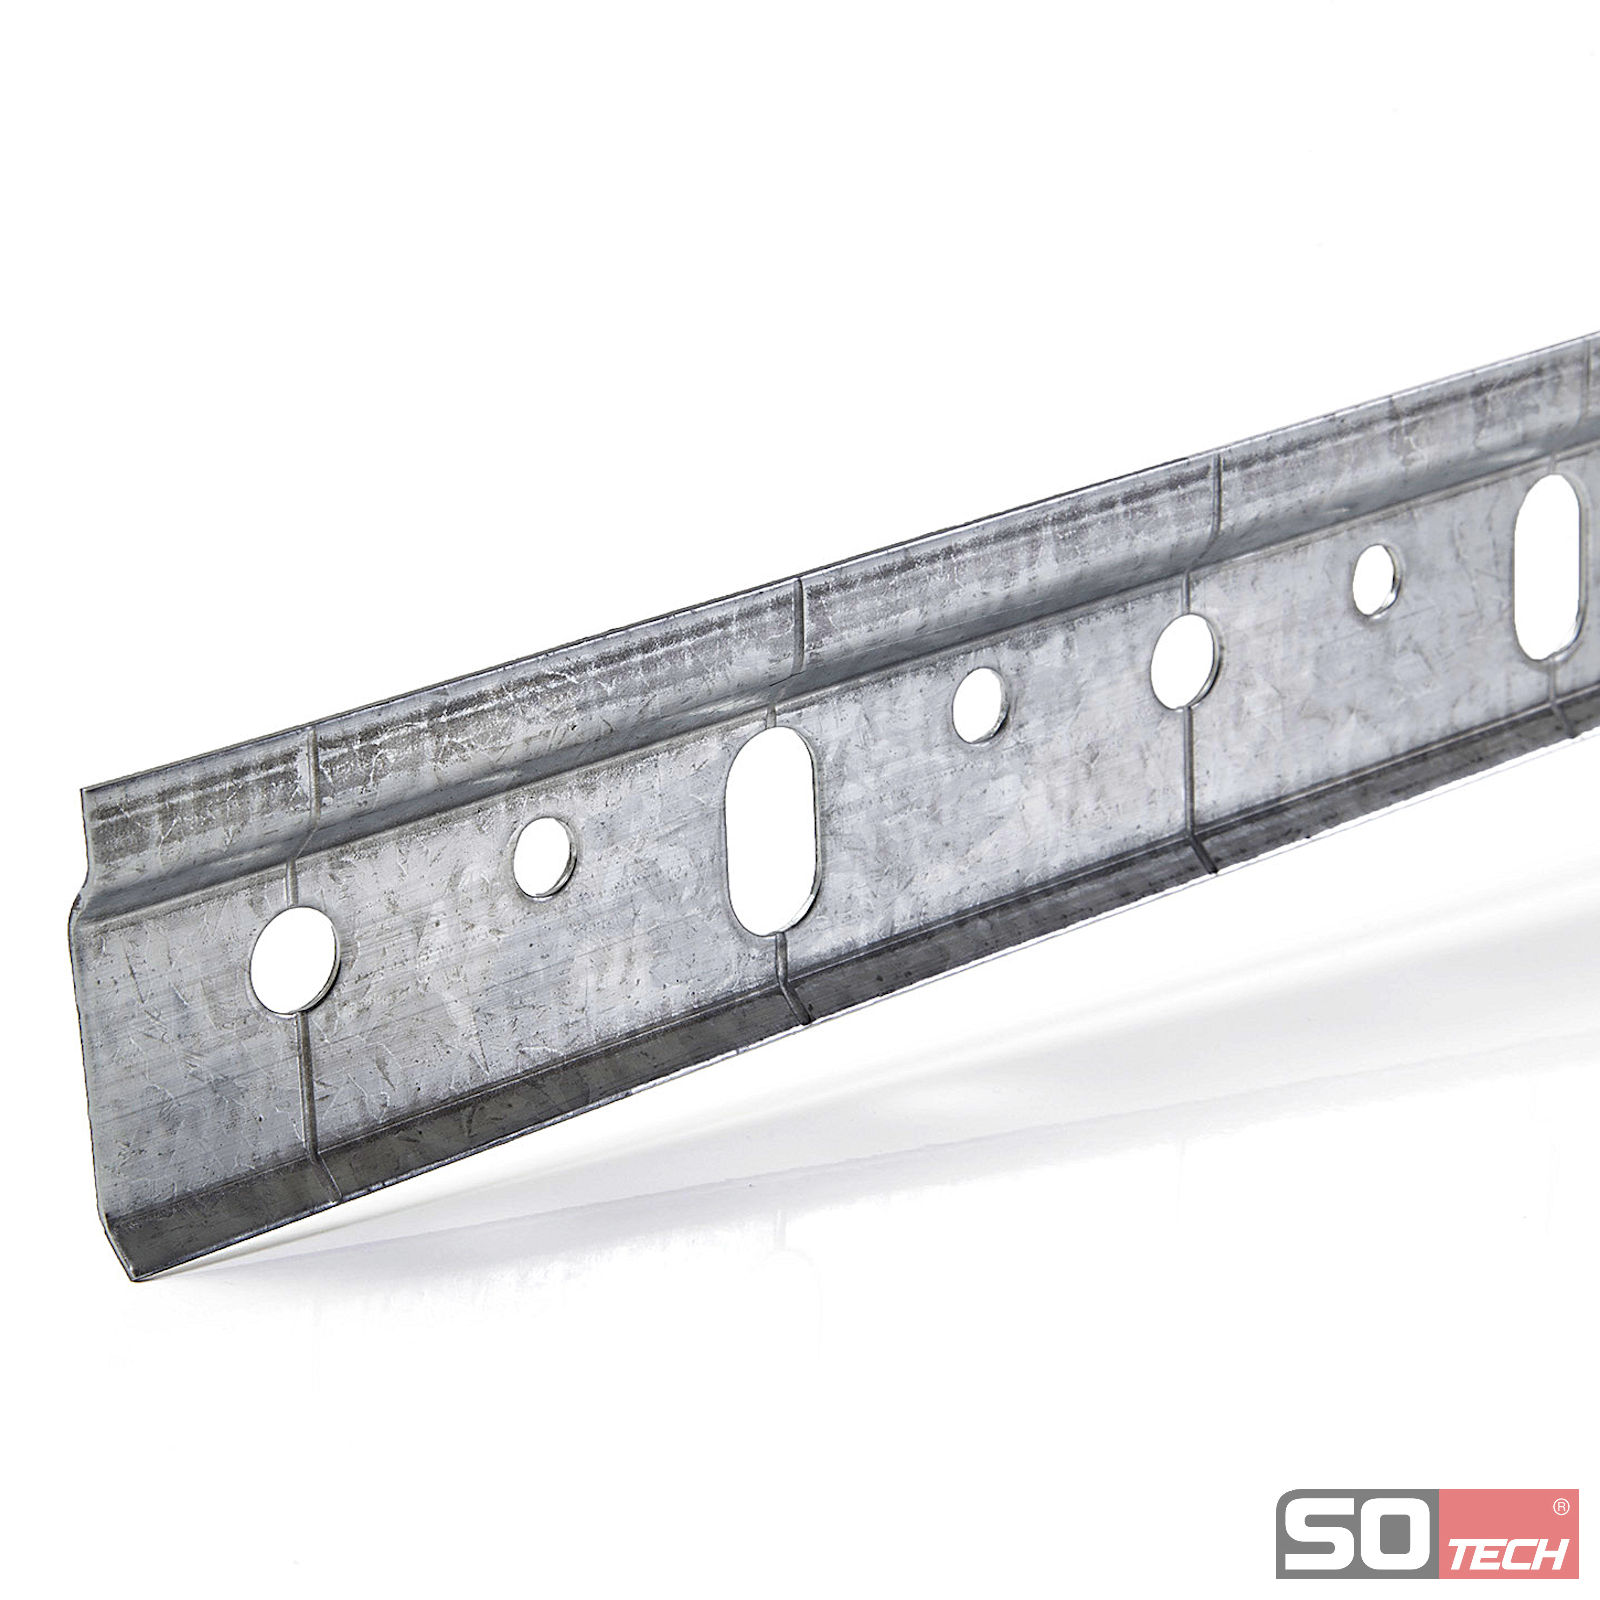 schrankaufh nger schrankhalter schrankhalterung f r. Black Bedroom Furniture Sets. Home Design Ideas